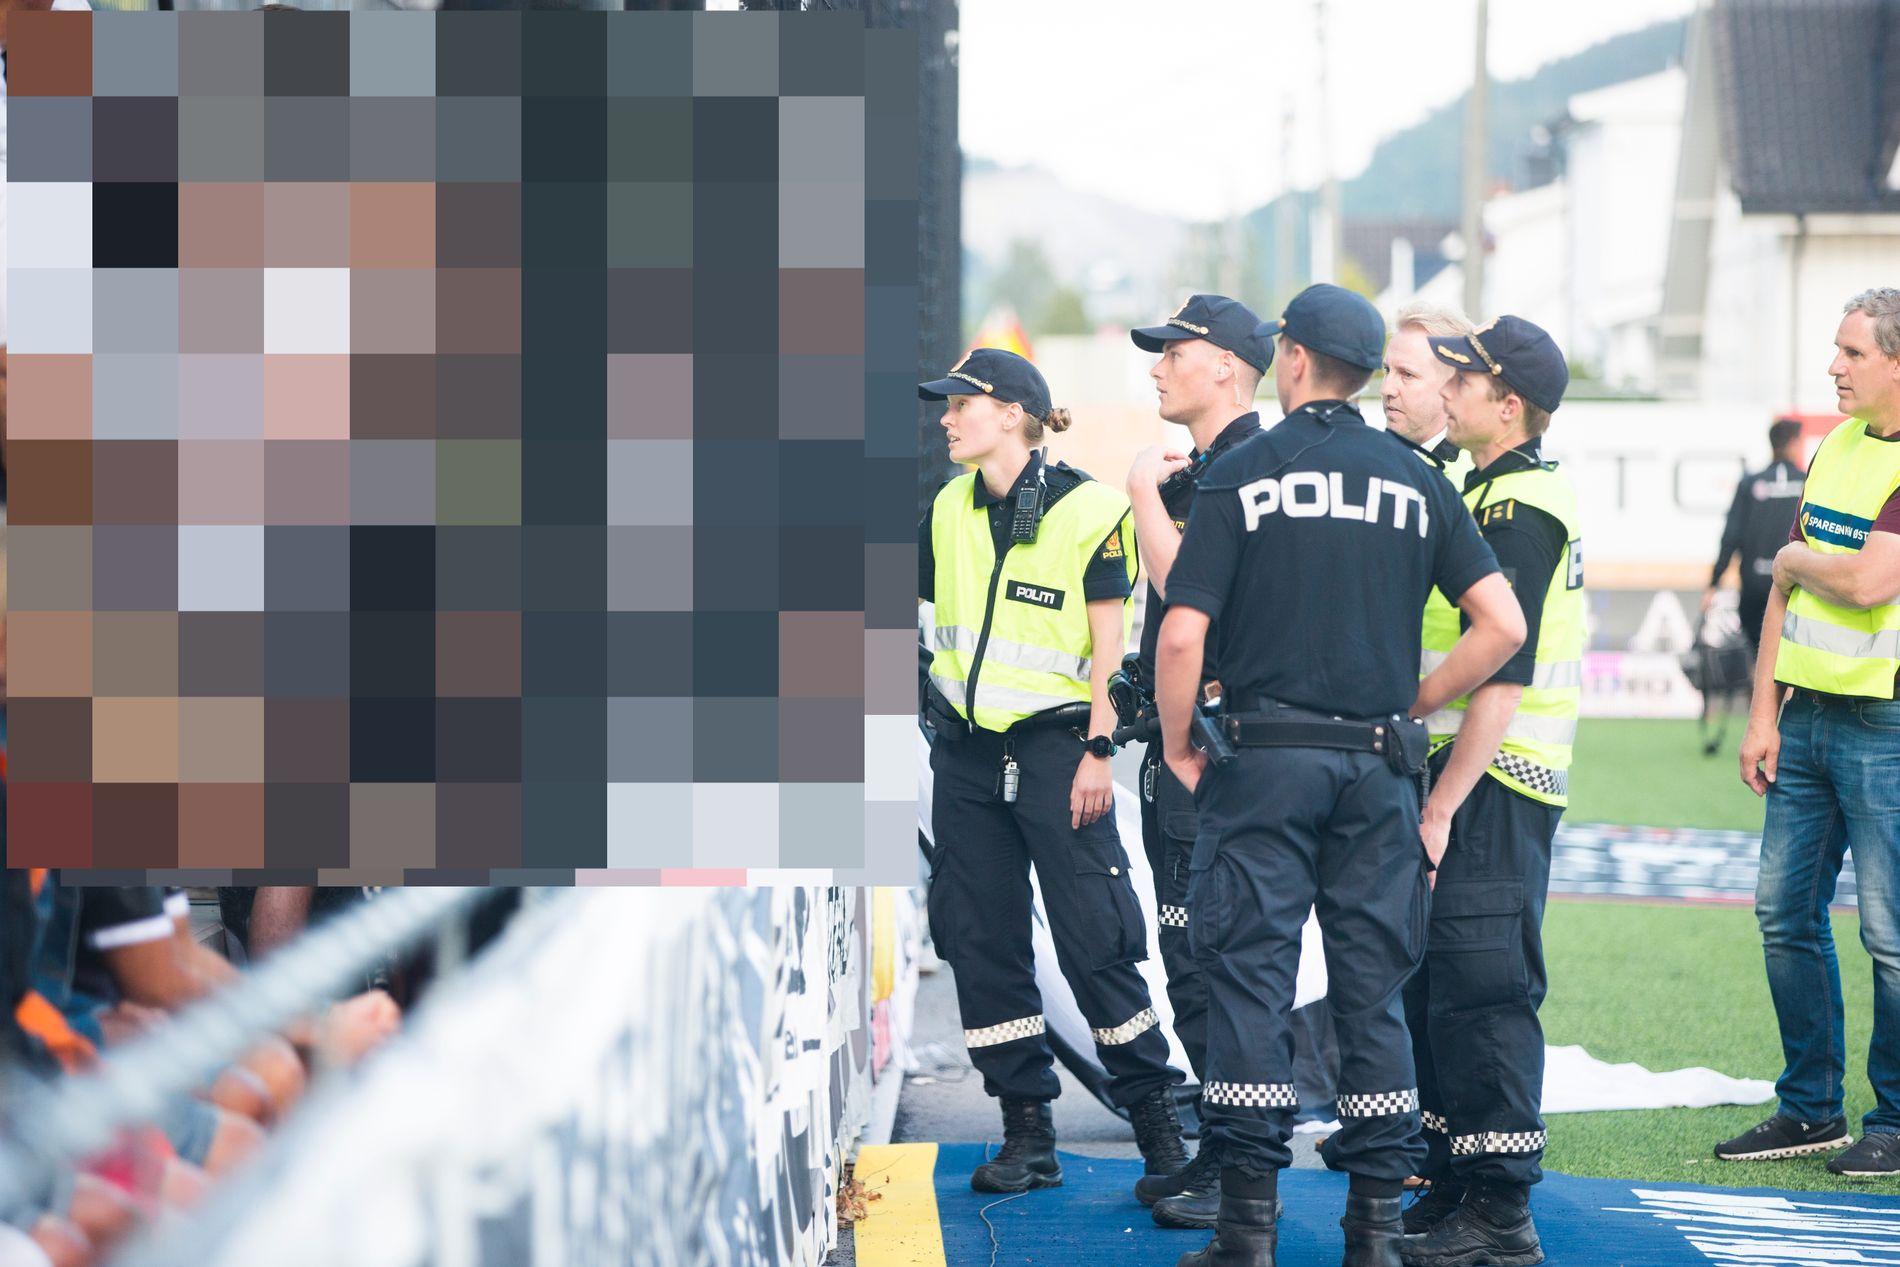 Politiet oppsøker bortefeltet under kampen.